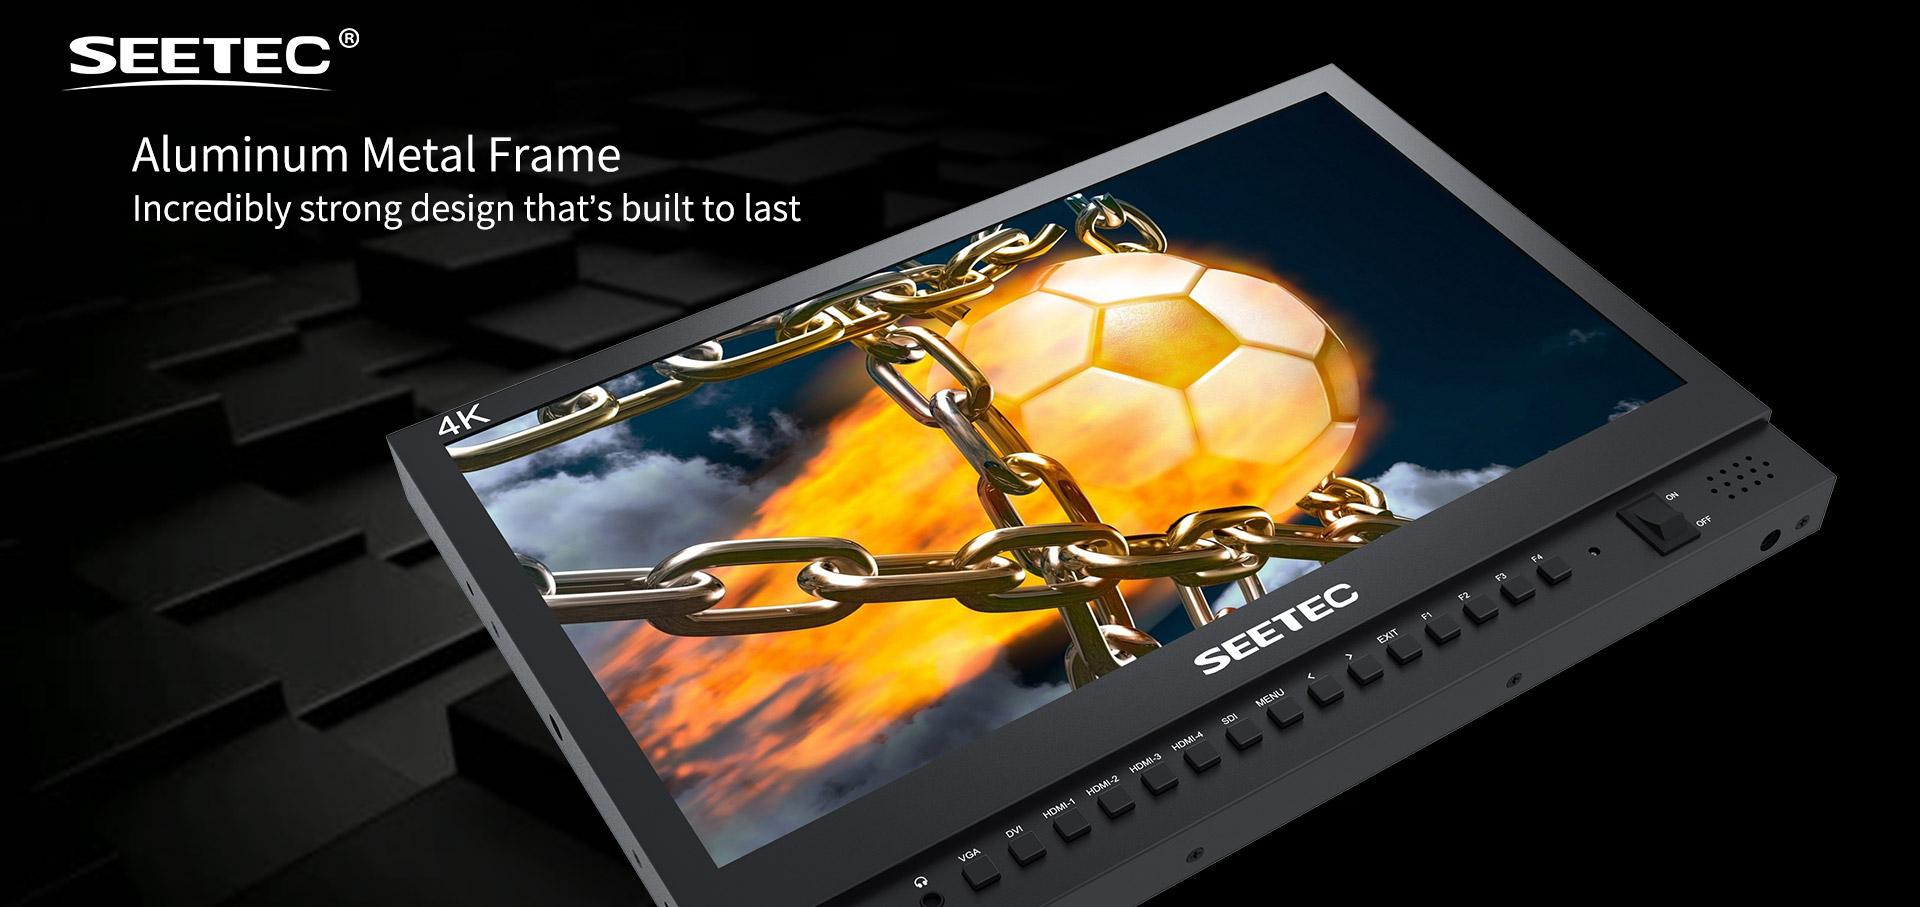 metal-frame-monitor